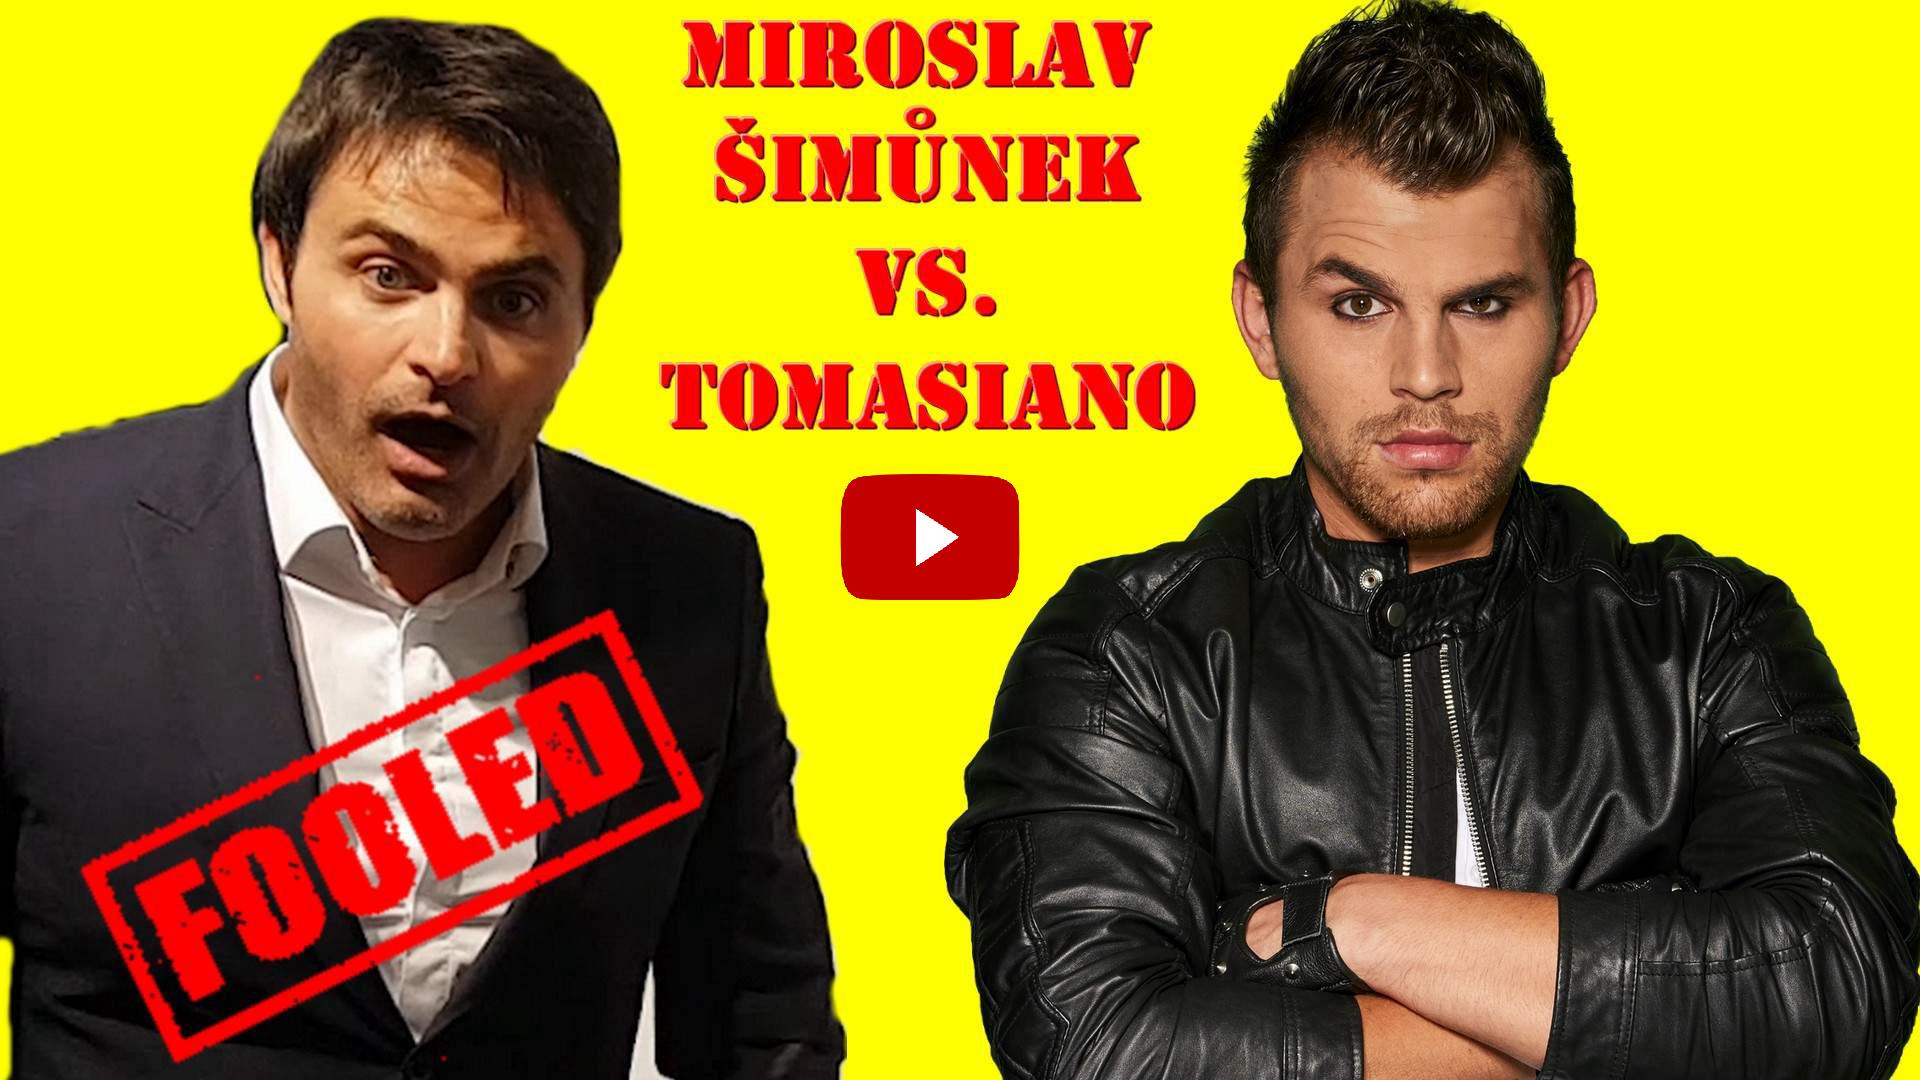 kouzelník tomasiano video vip šimůnek úpr